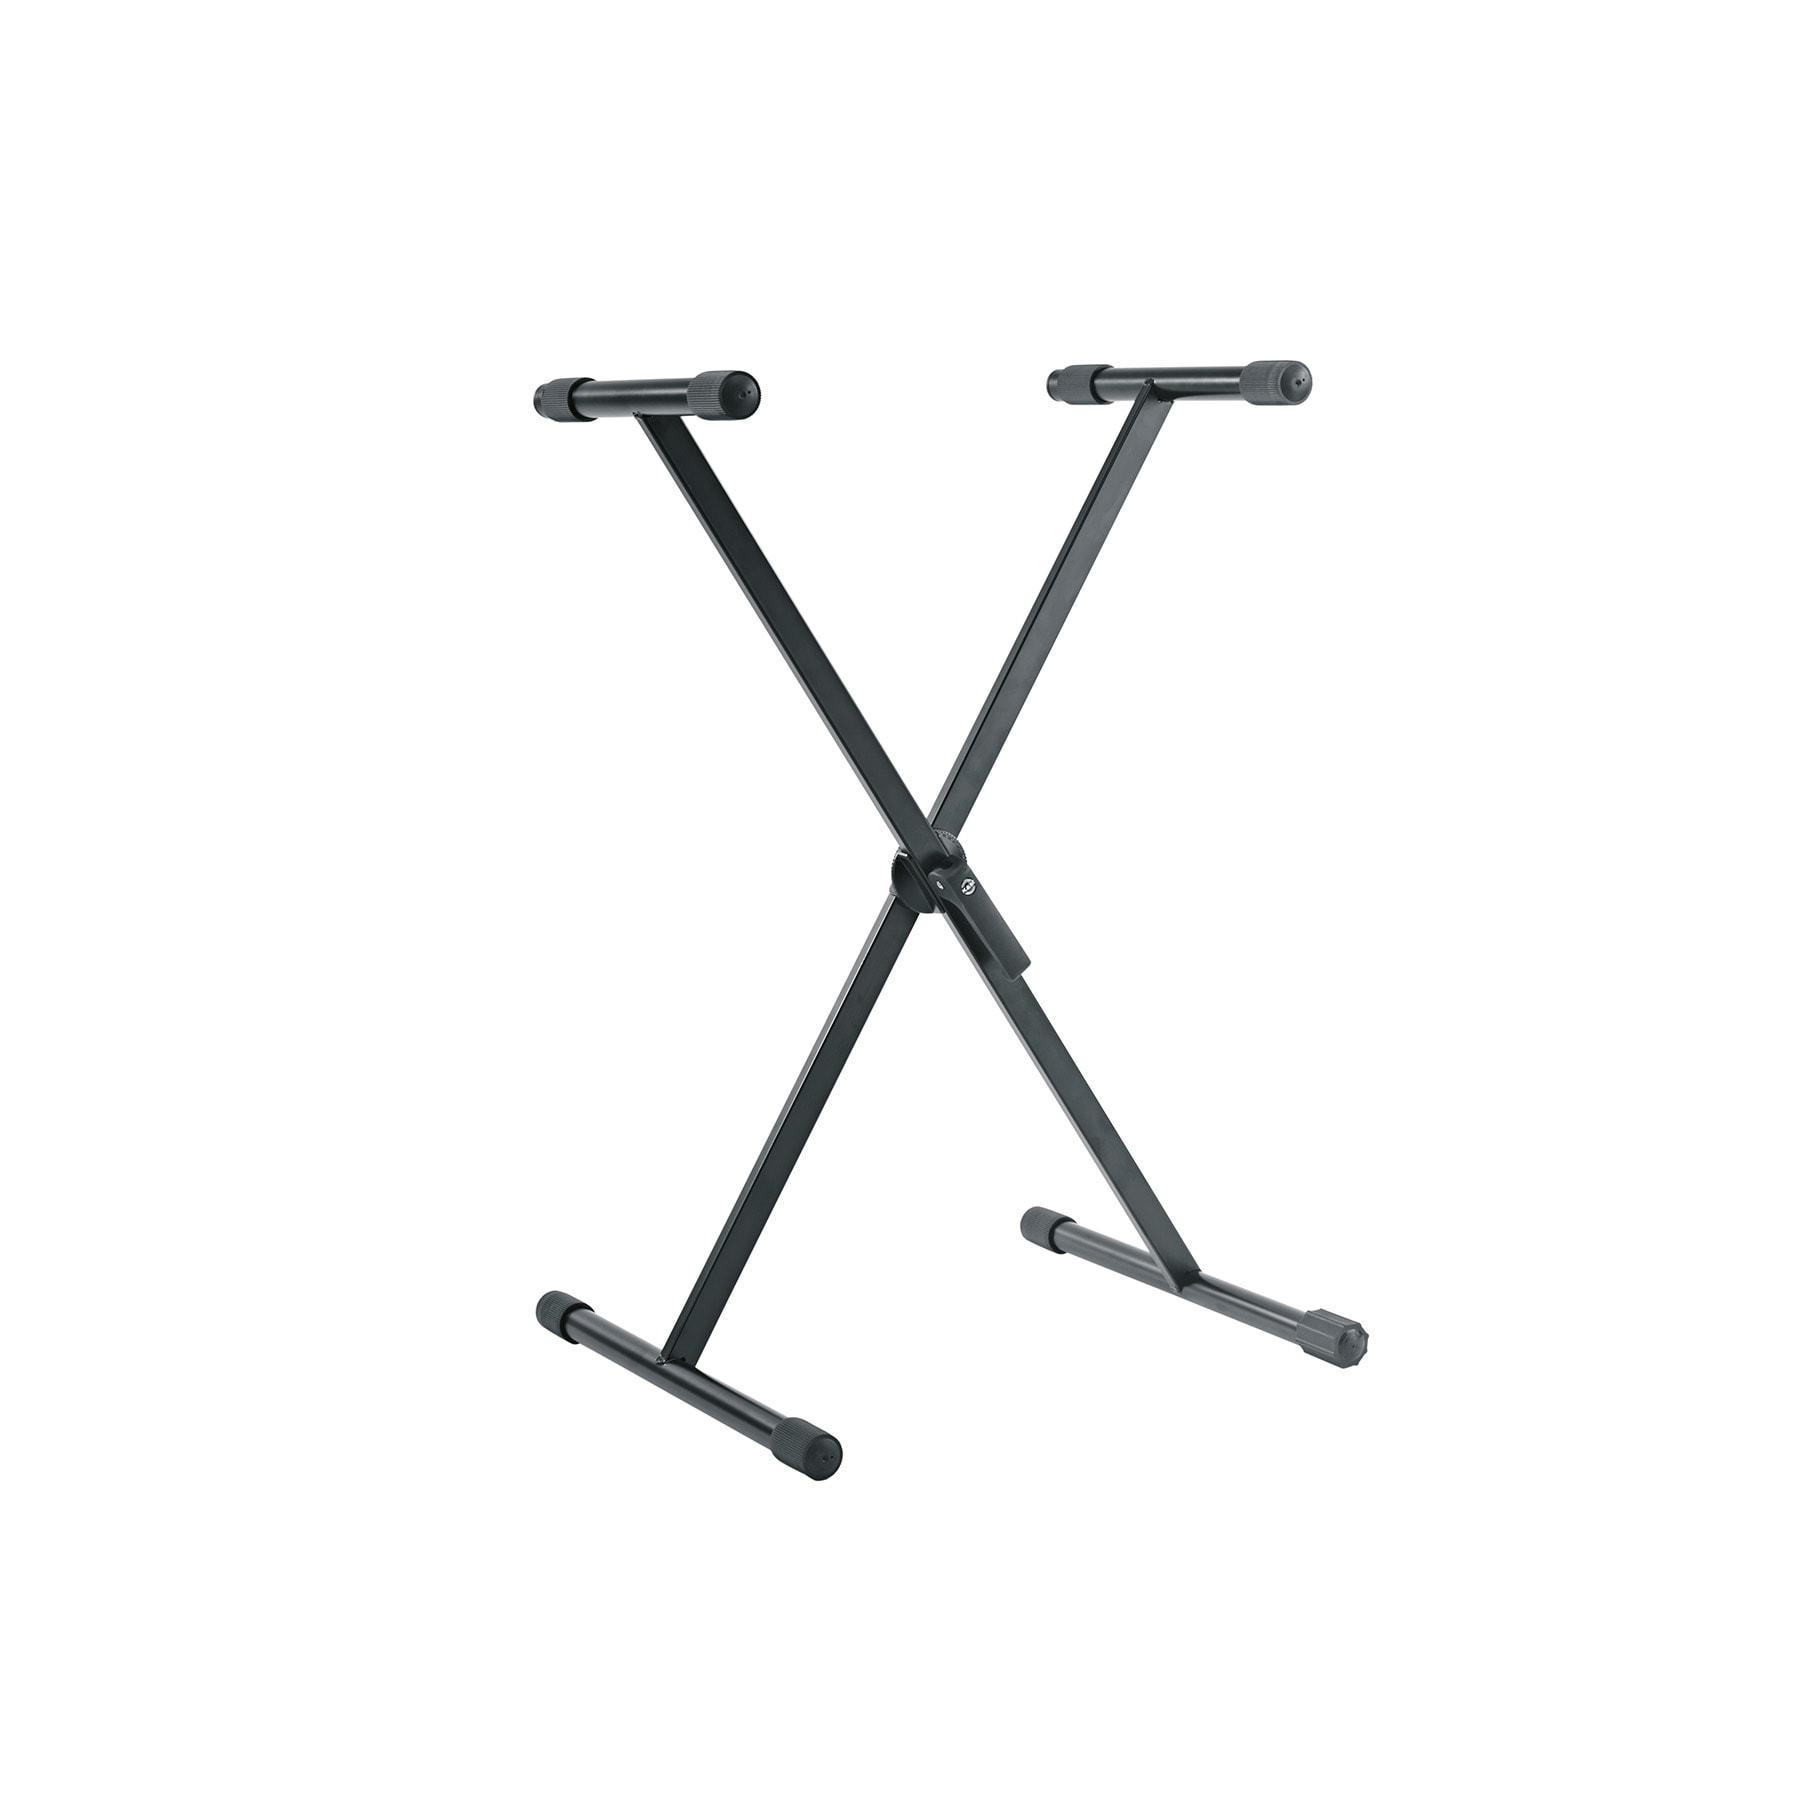 KM18933 - Keyboard stand